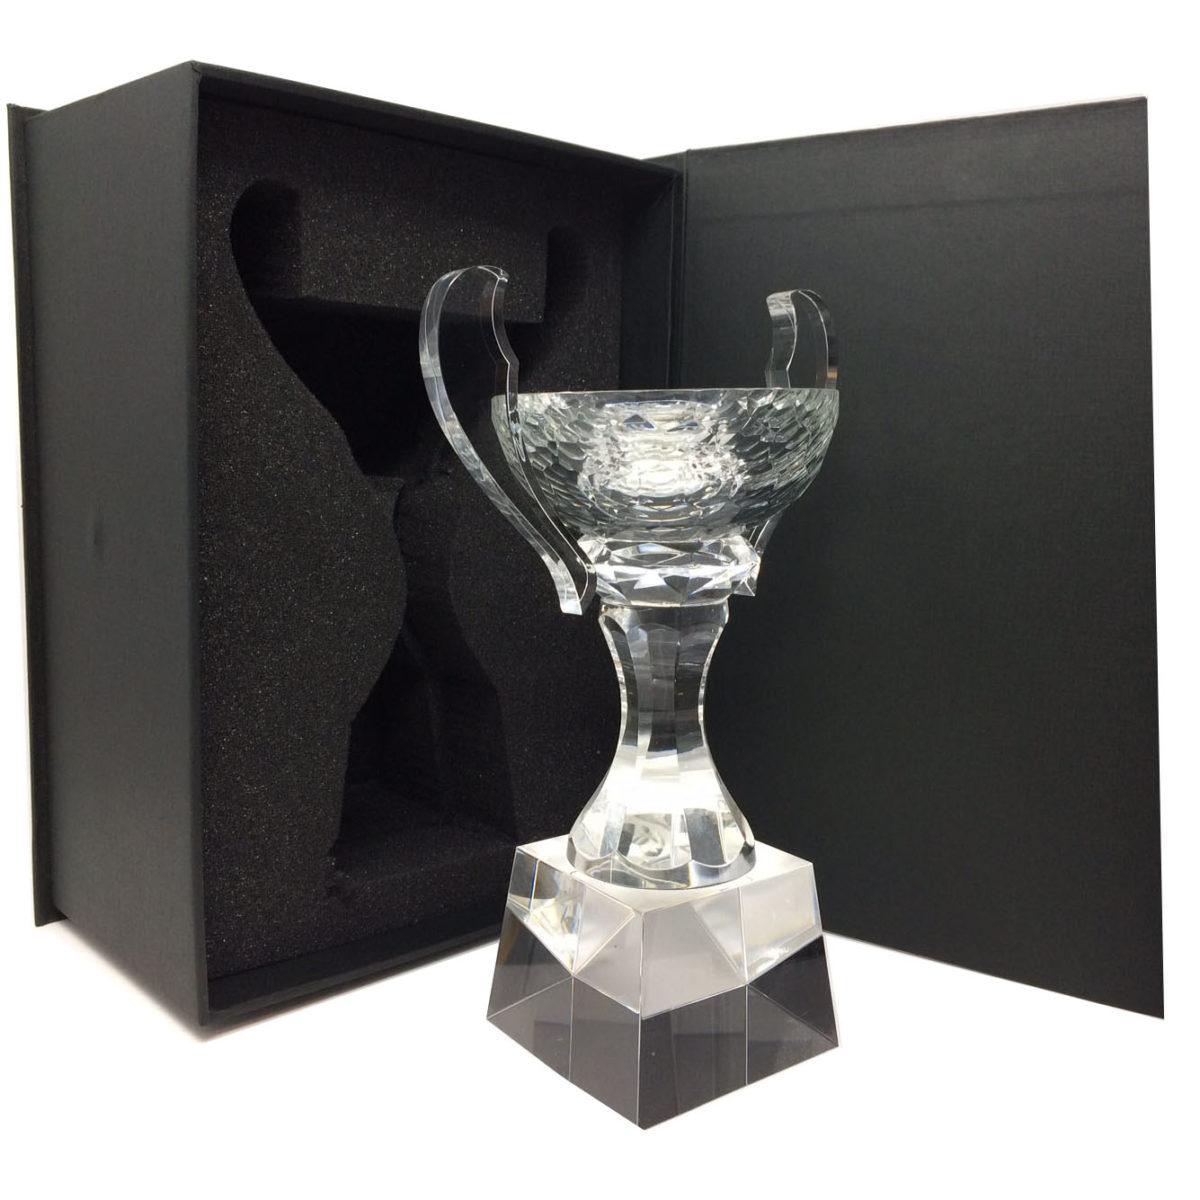 Trophée : Coupe en verre sur son socle